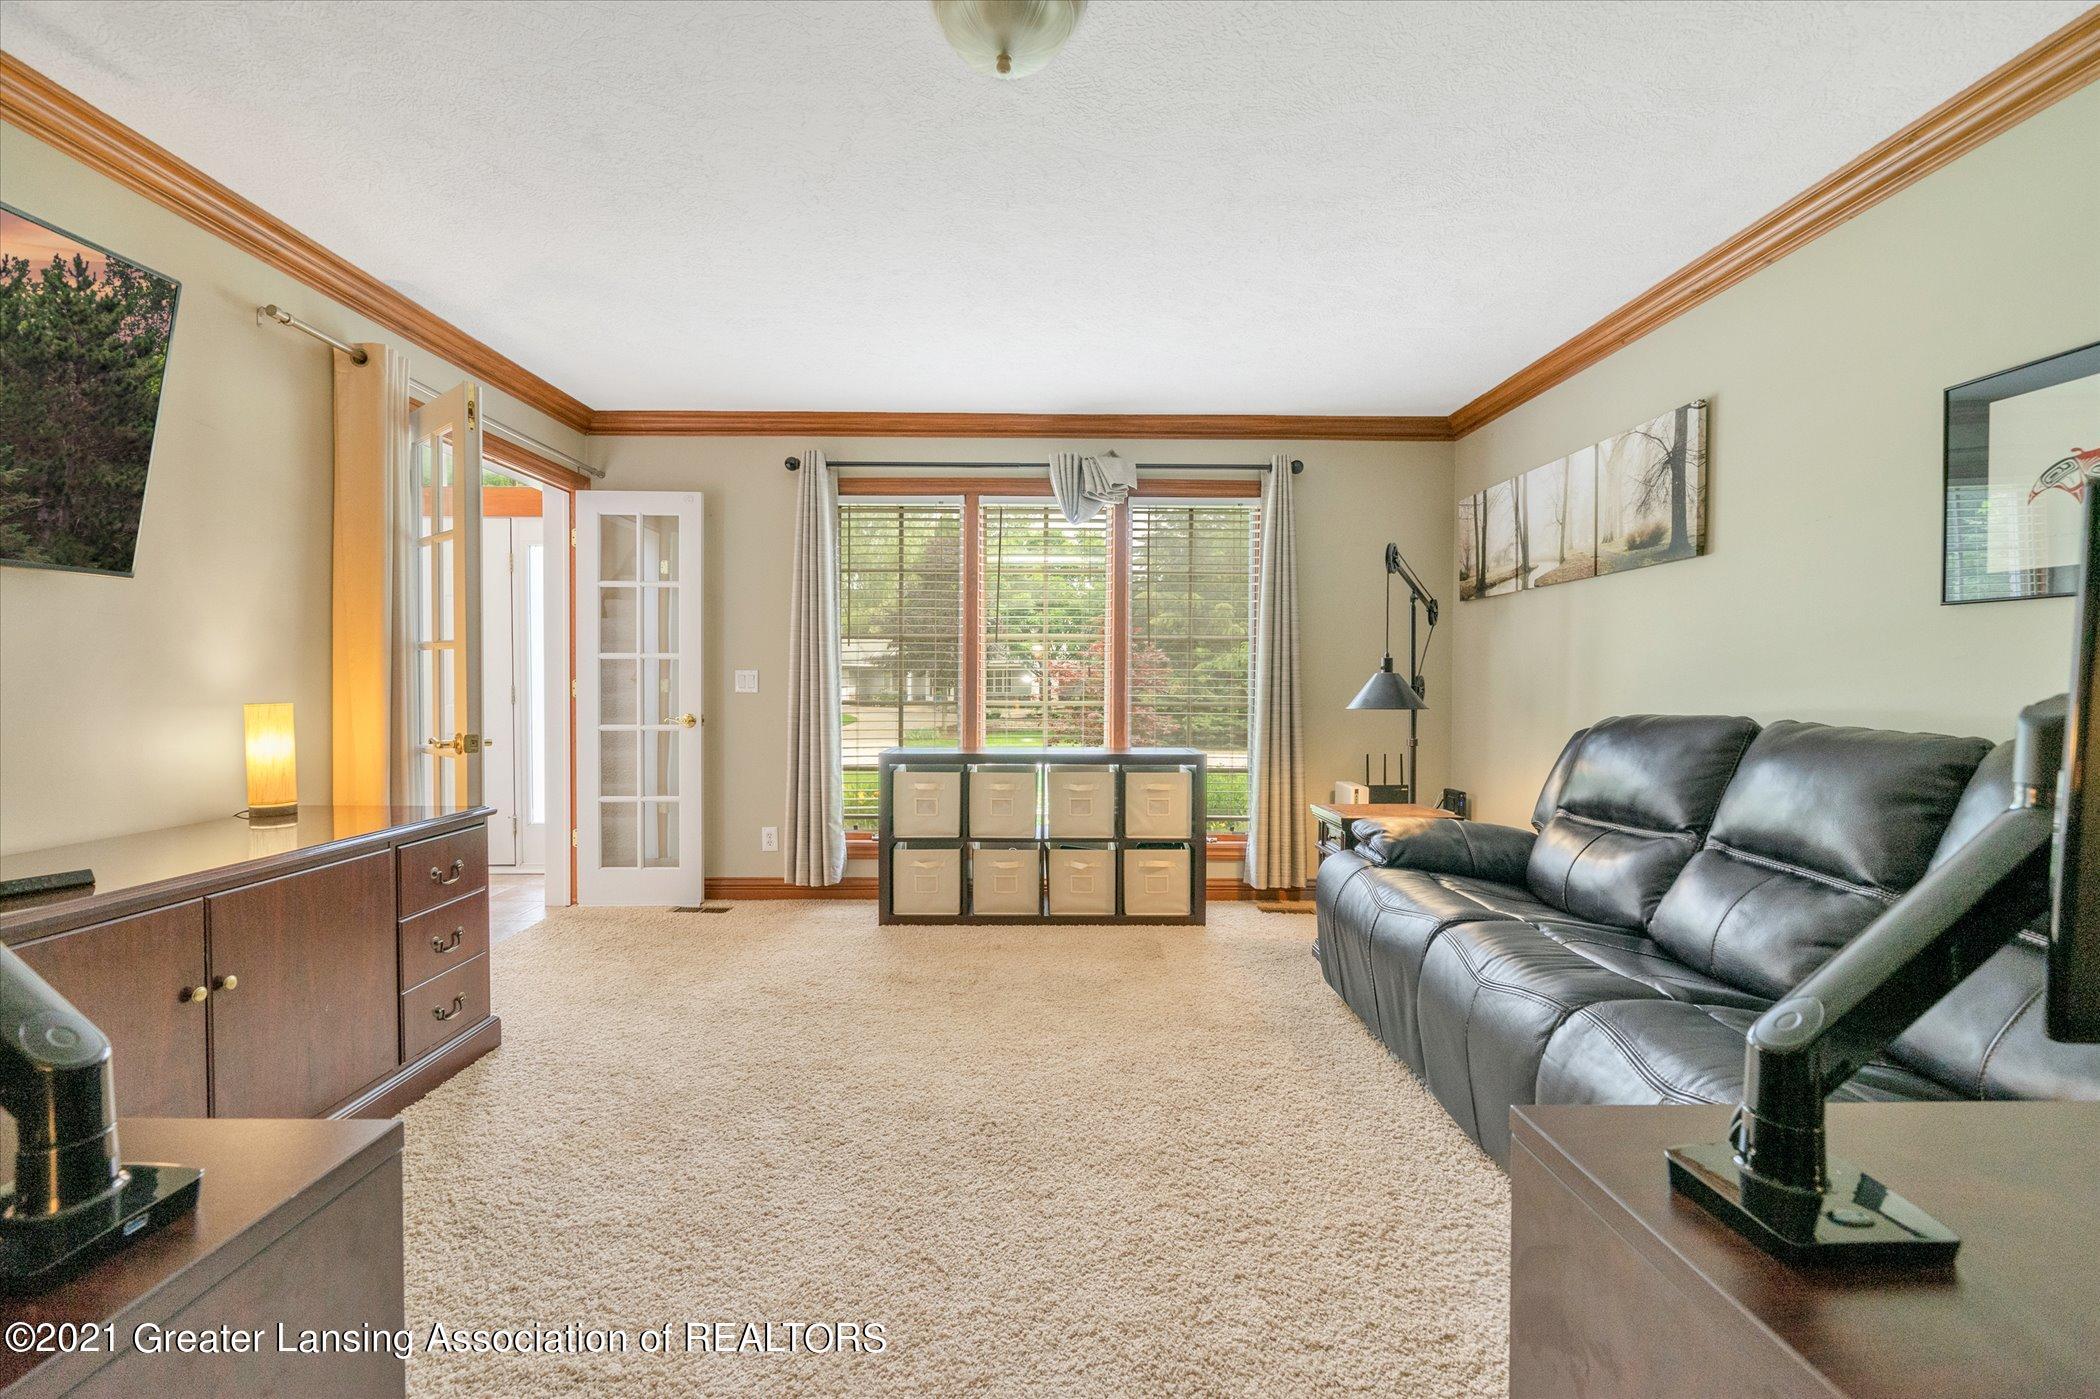 8100 Casandra Ln - MAIN FLOOR Formal Living Room or Of - 18